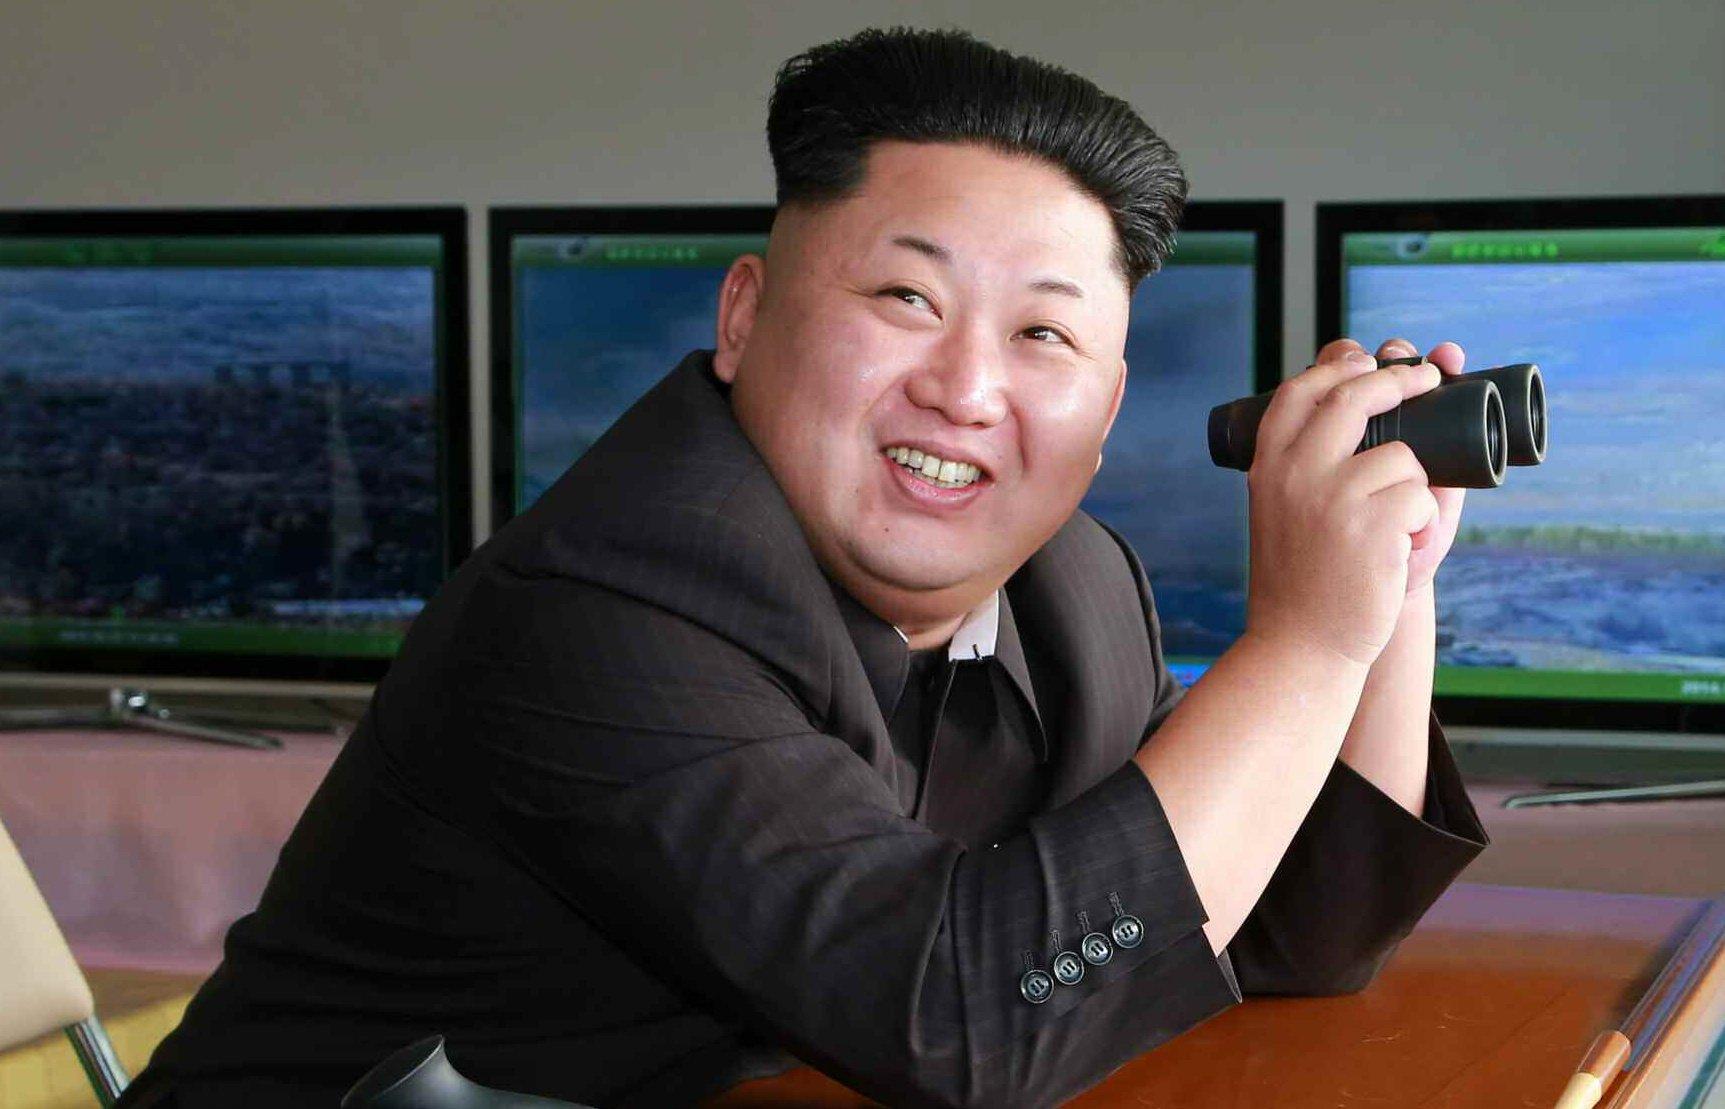 СМИ поведали опоследствиях ядерных испытаний вСеверной Корее